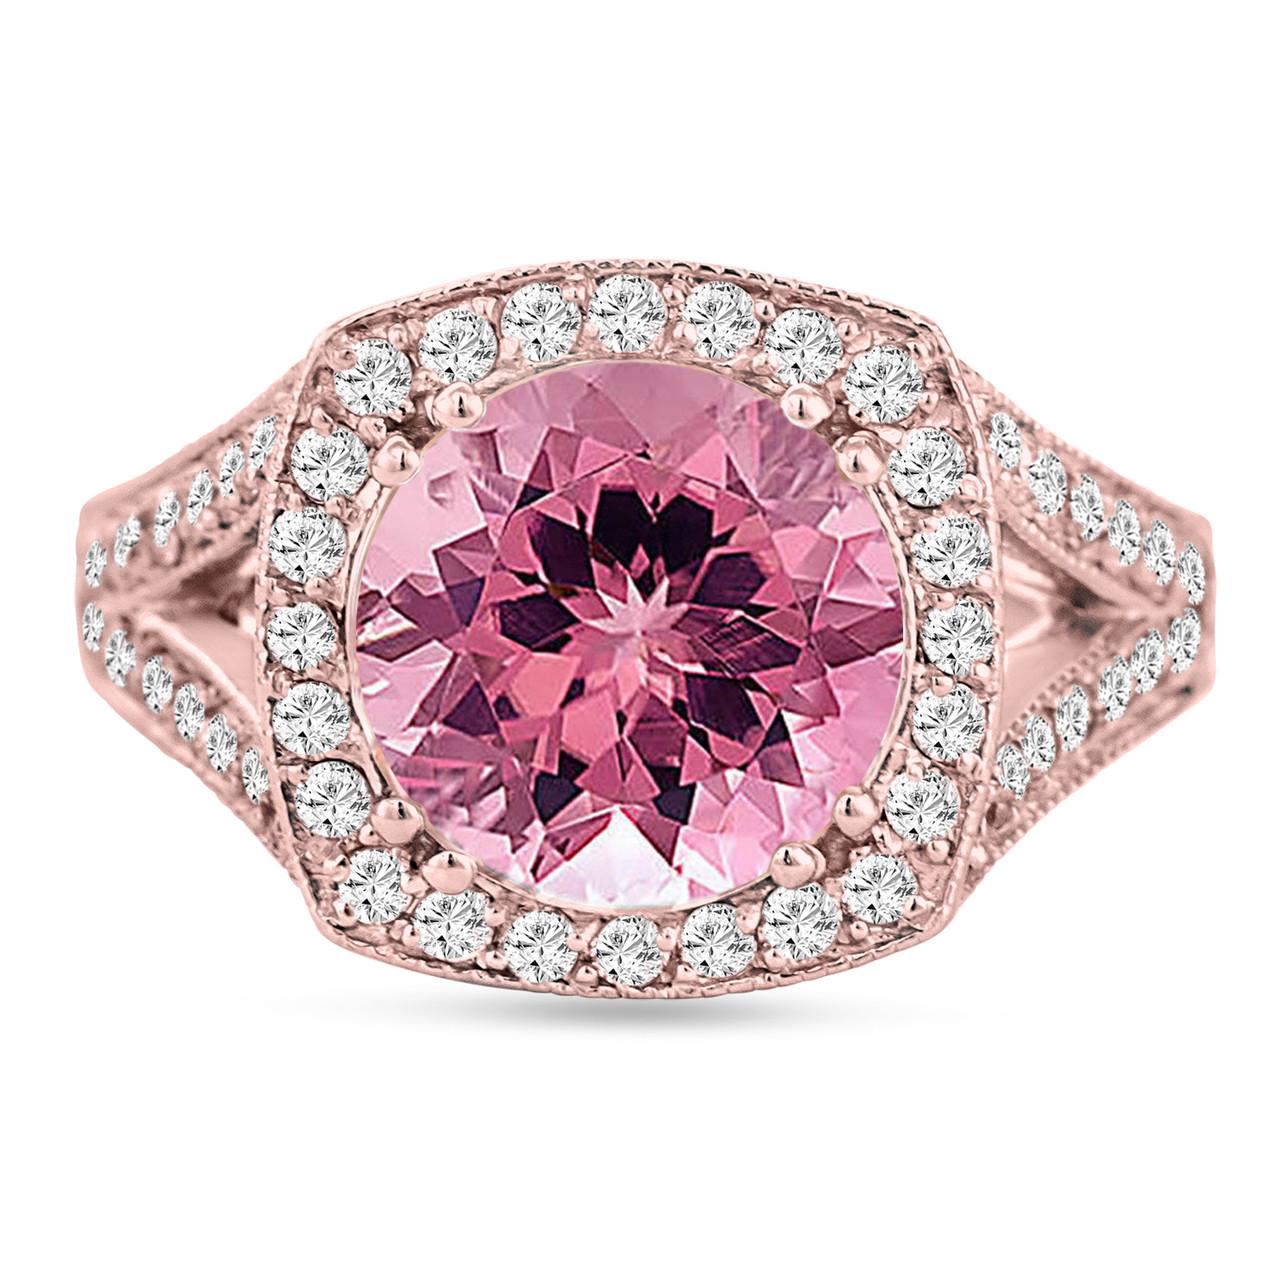 Pink Tourmaline Engagement Ring 14K Rose Gold 3.25 Carat Pave Halo ...